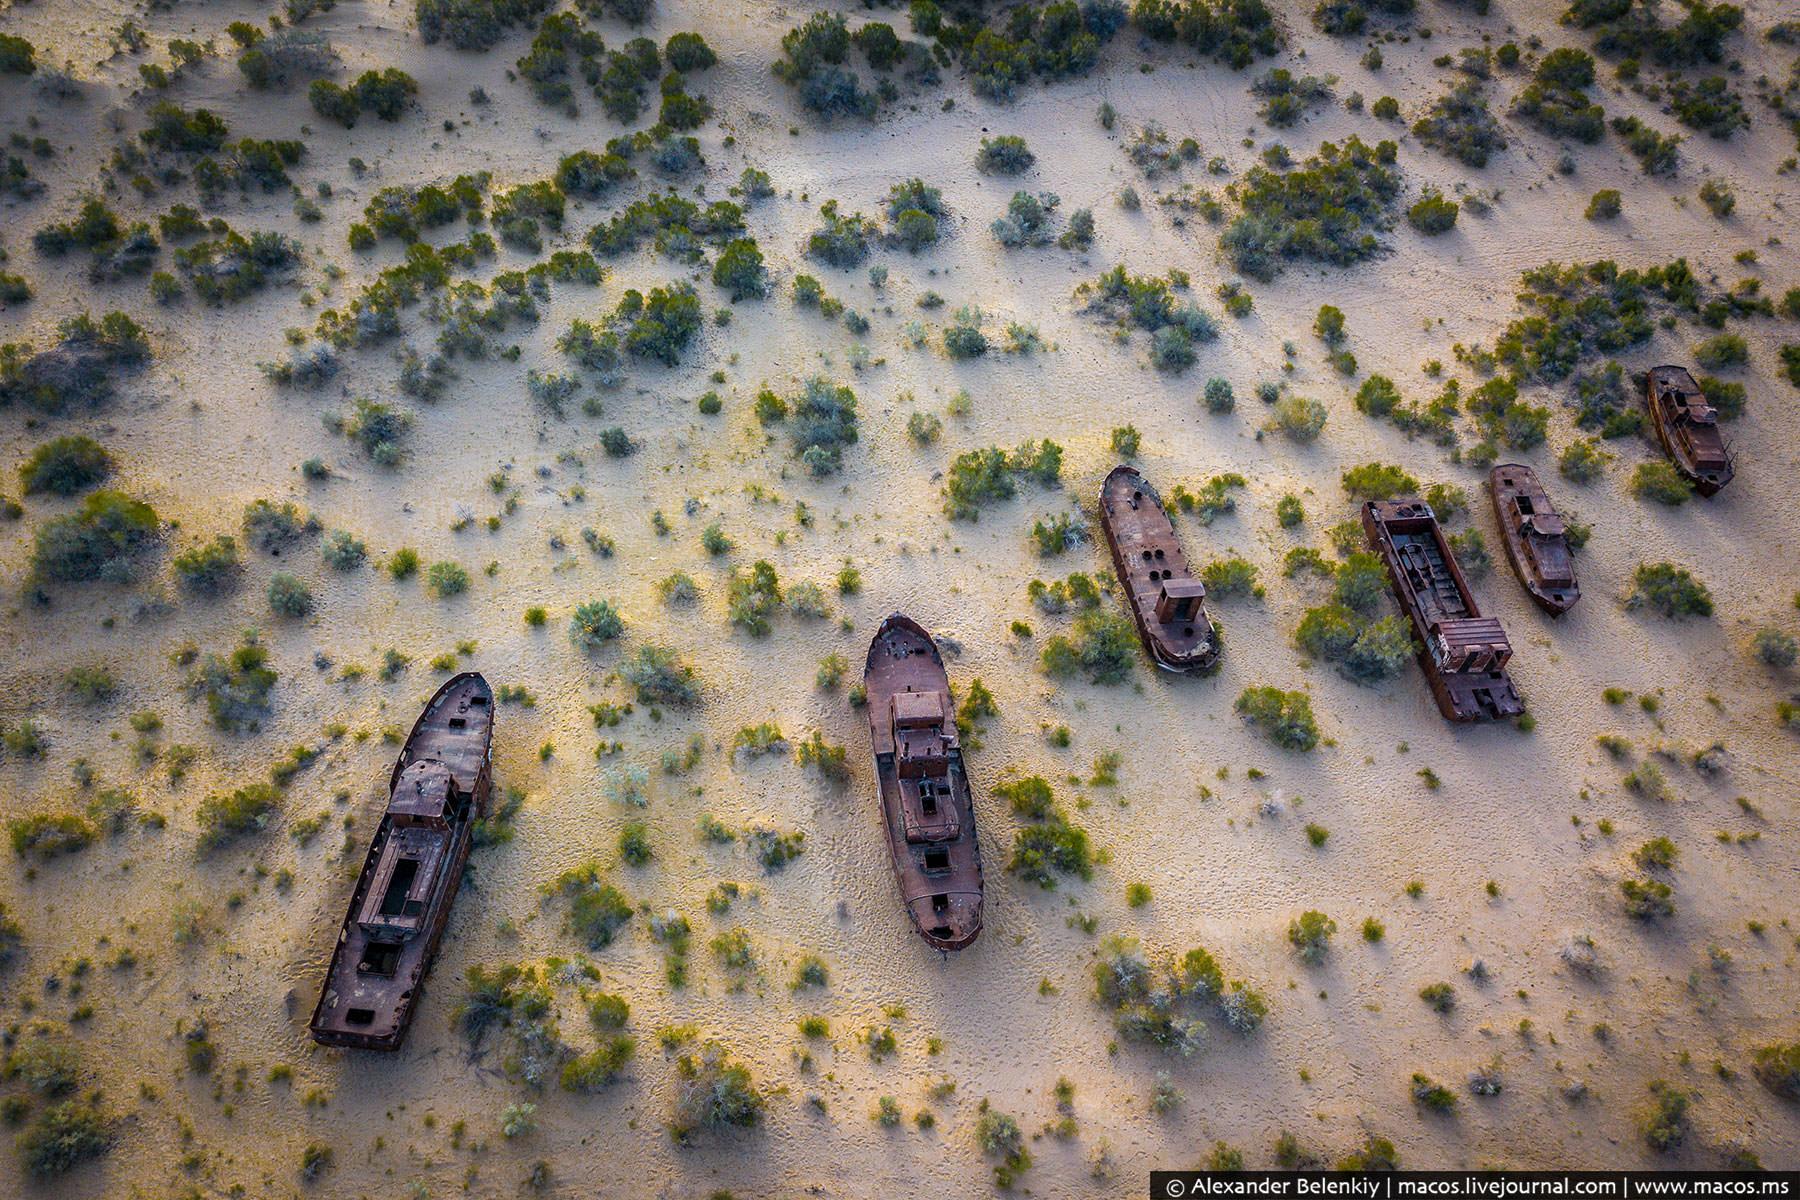 Подонки и жертвы Аральского моря. Как живут на месте катастрофы фото